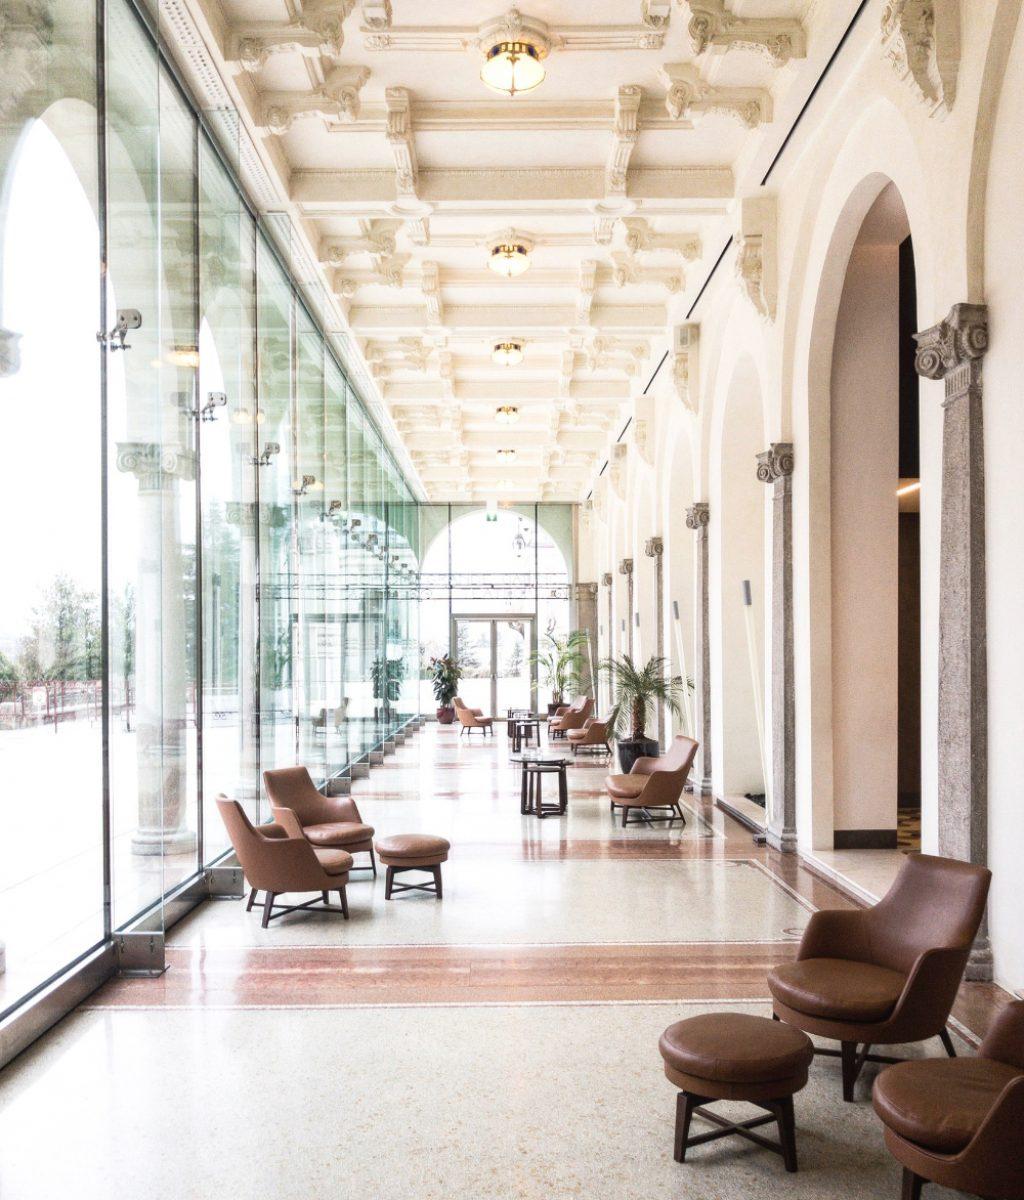 pulizia hotel milano